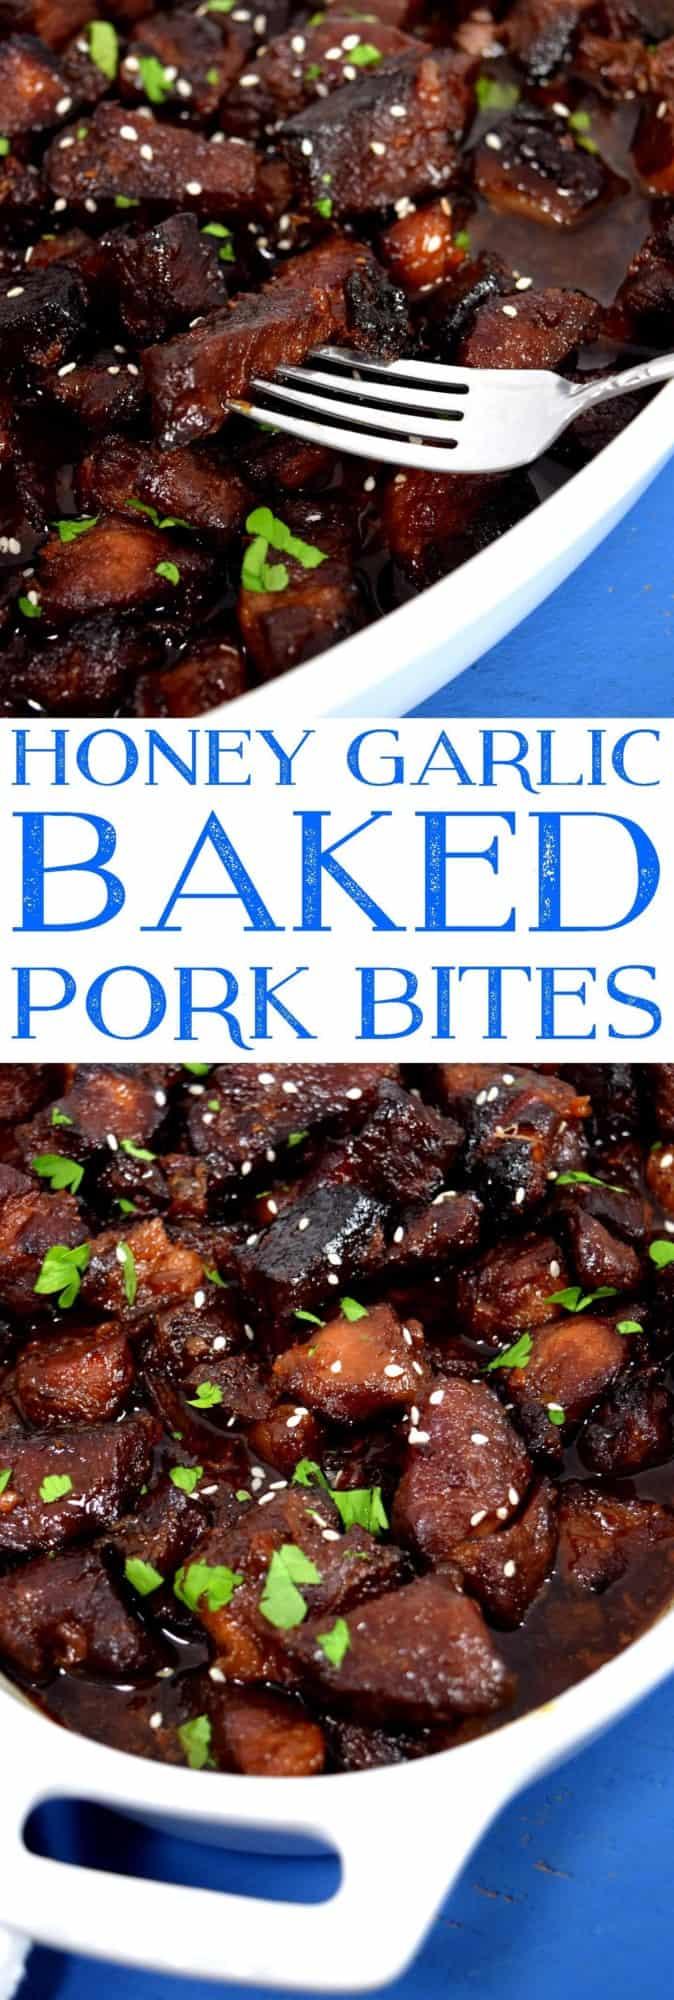 Honey Garlic Baked Pork Bites 2